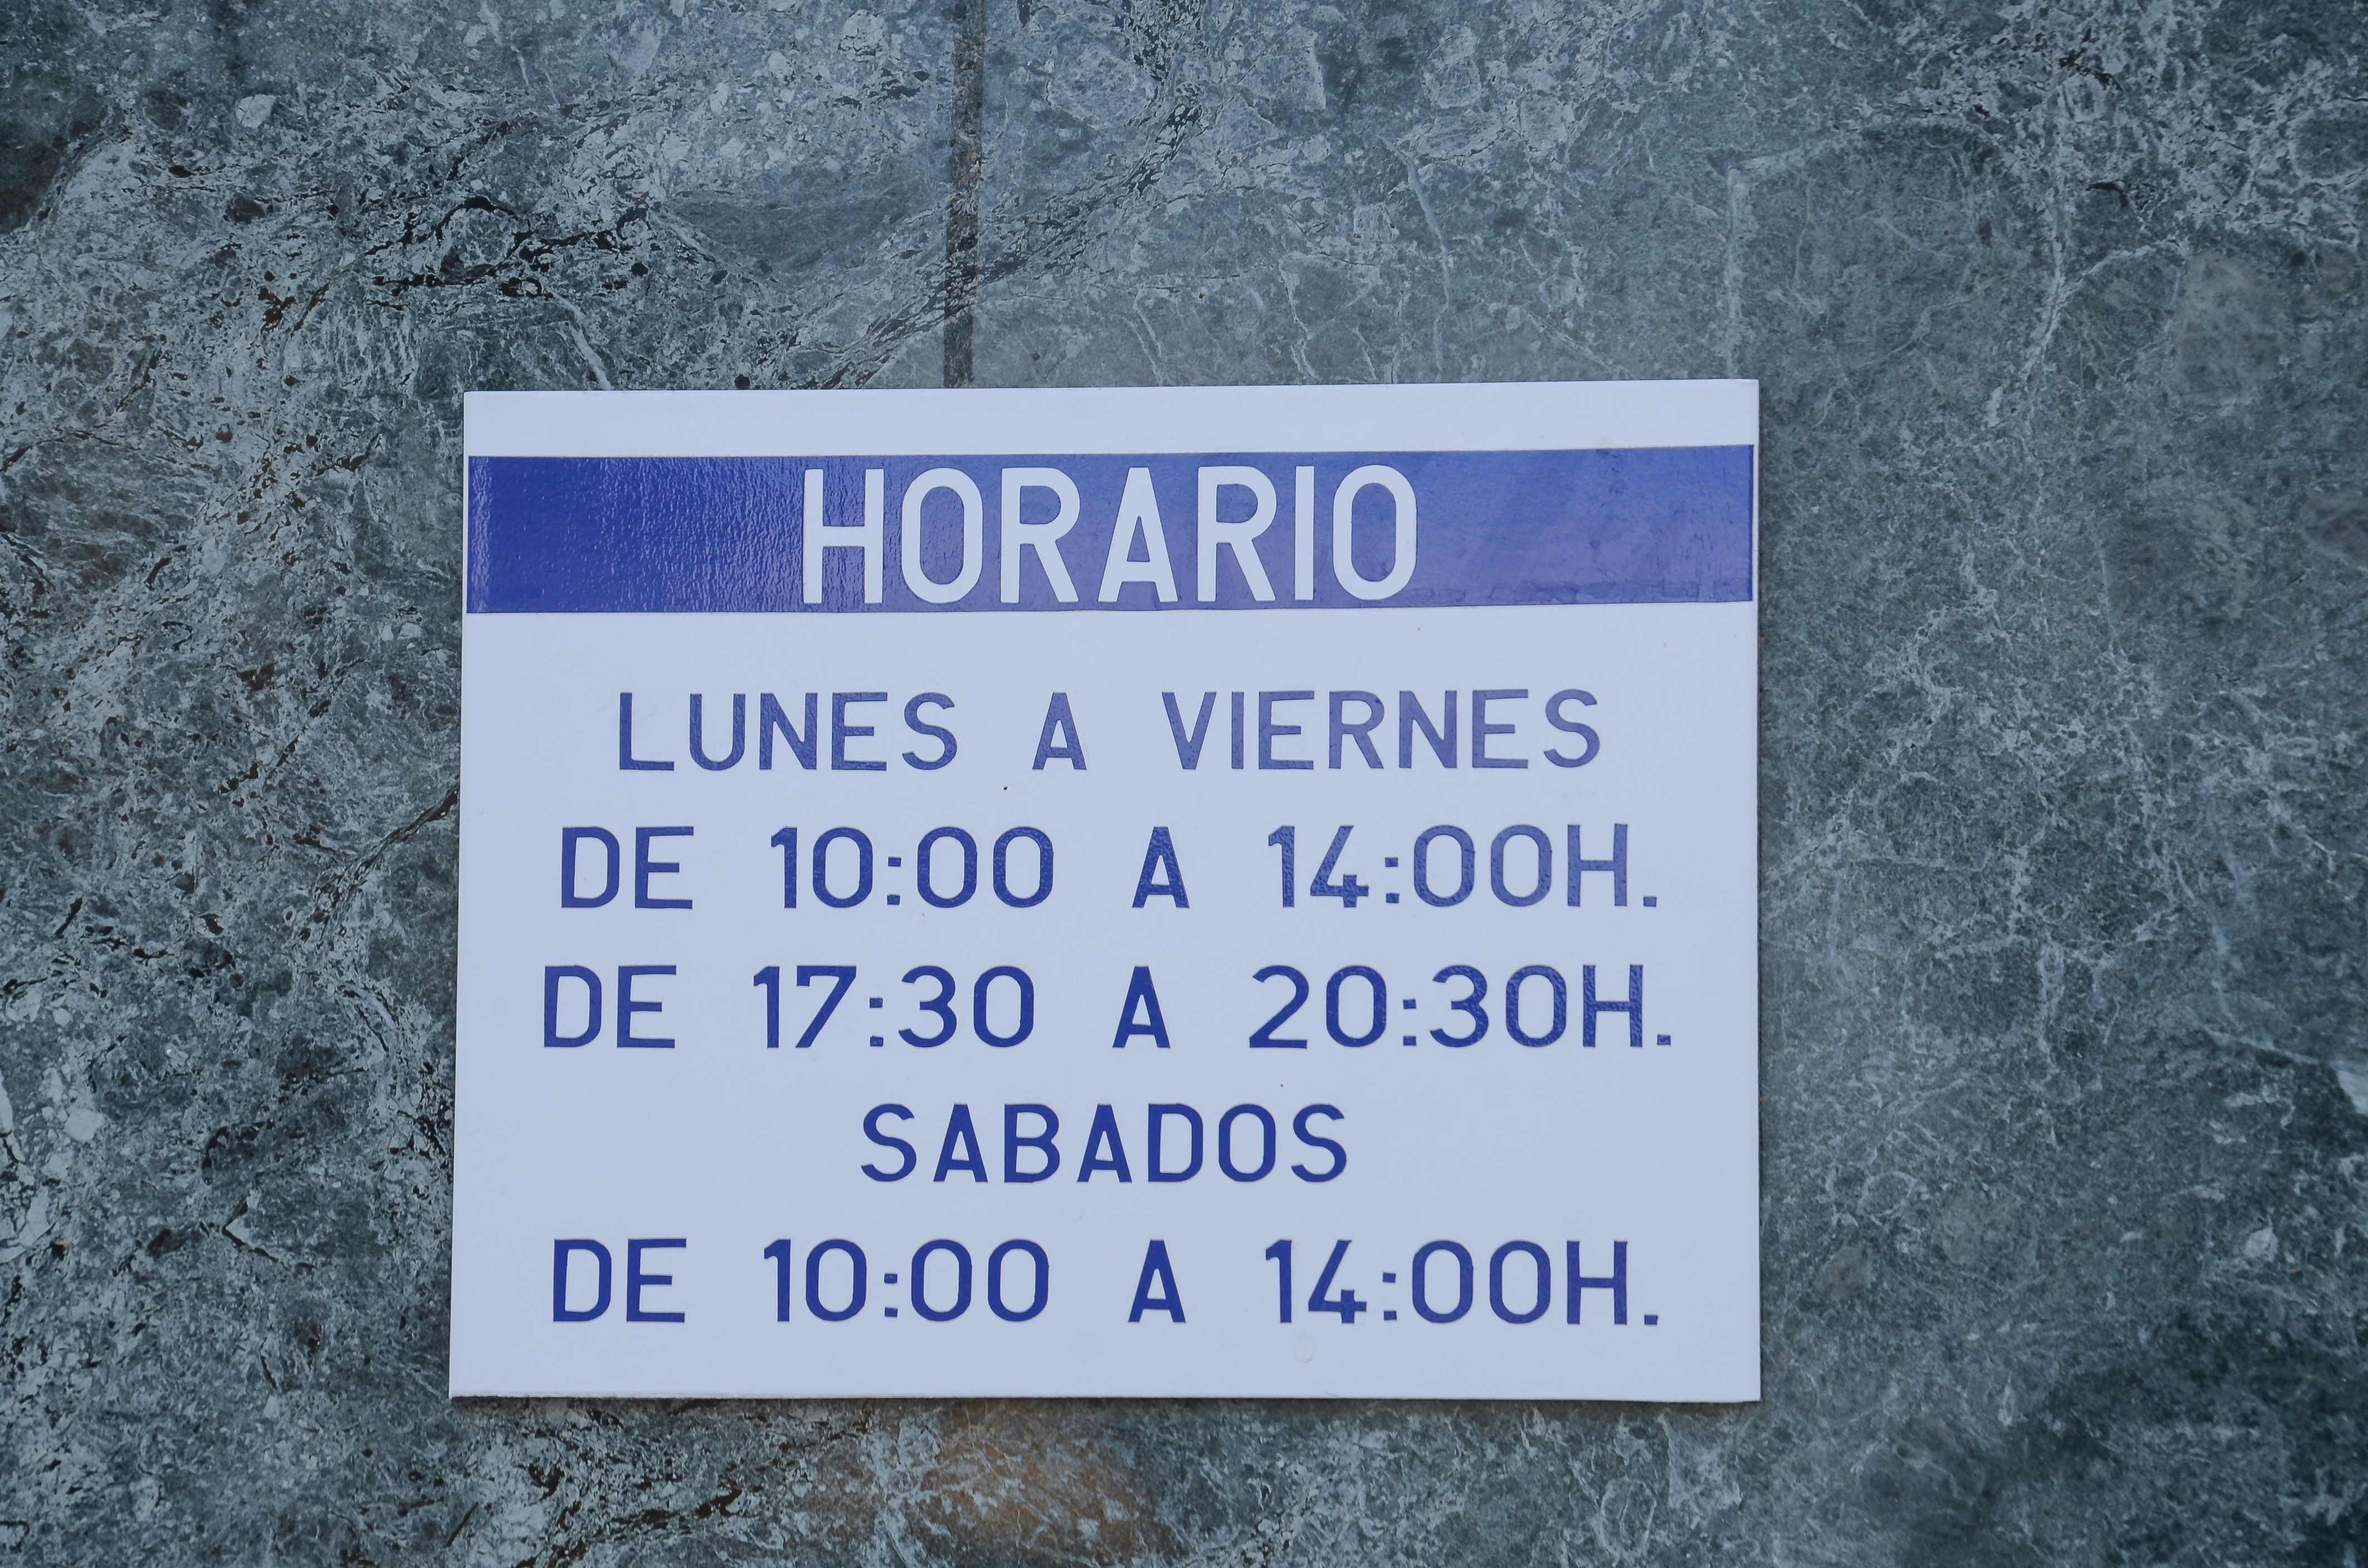 Horario de nuestra agencia de viajes en Fuente Álamo de Murcia